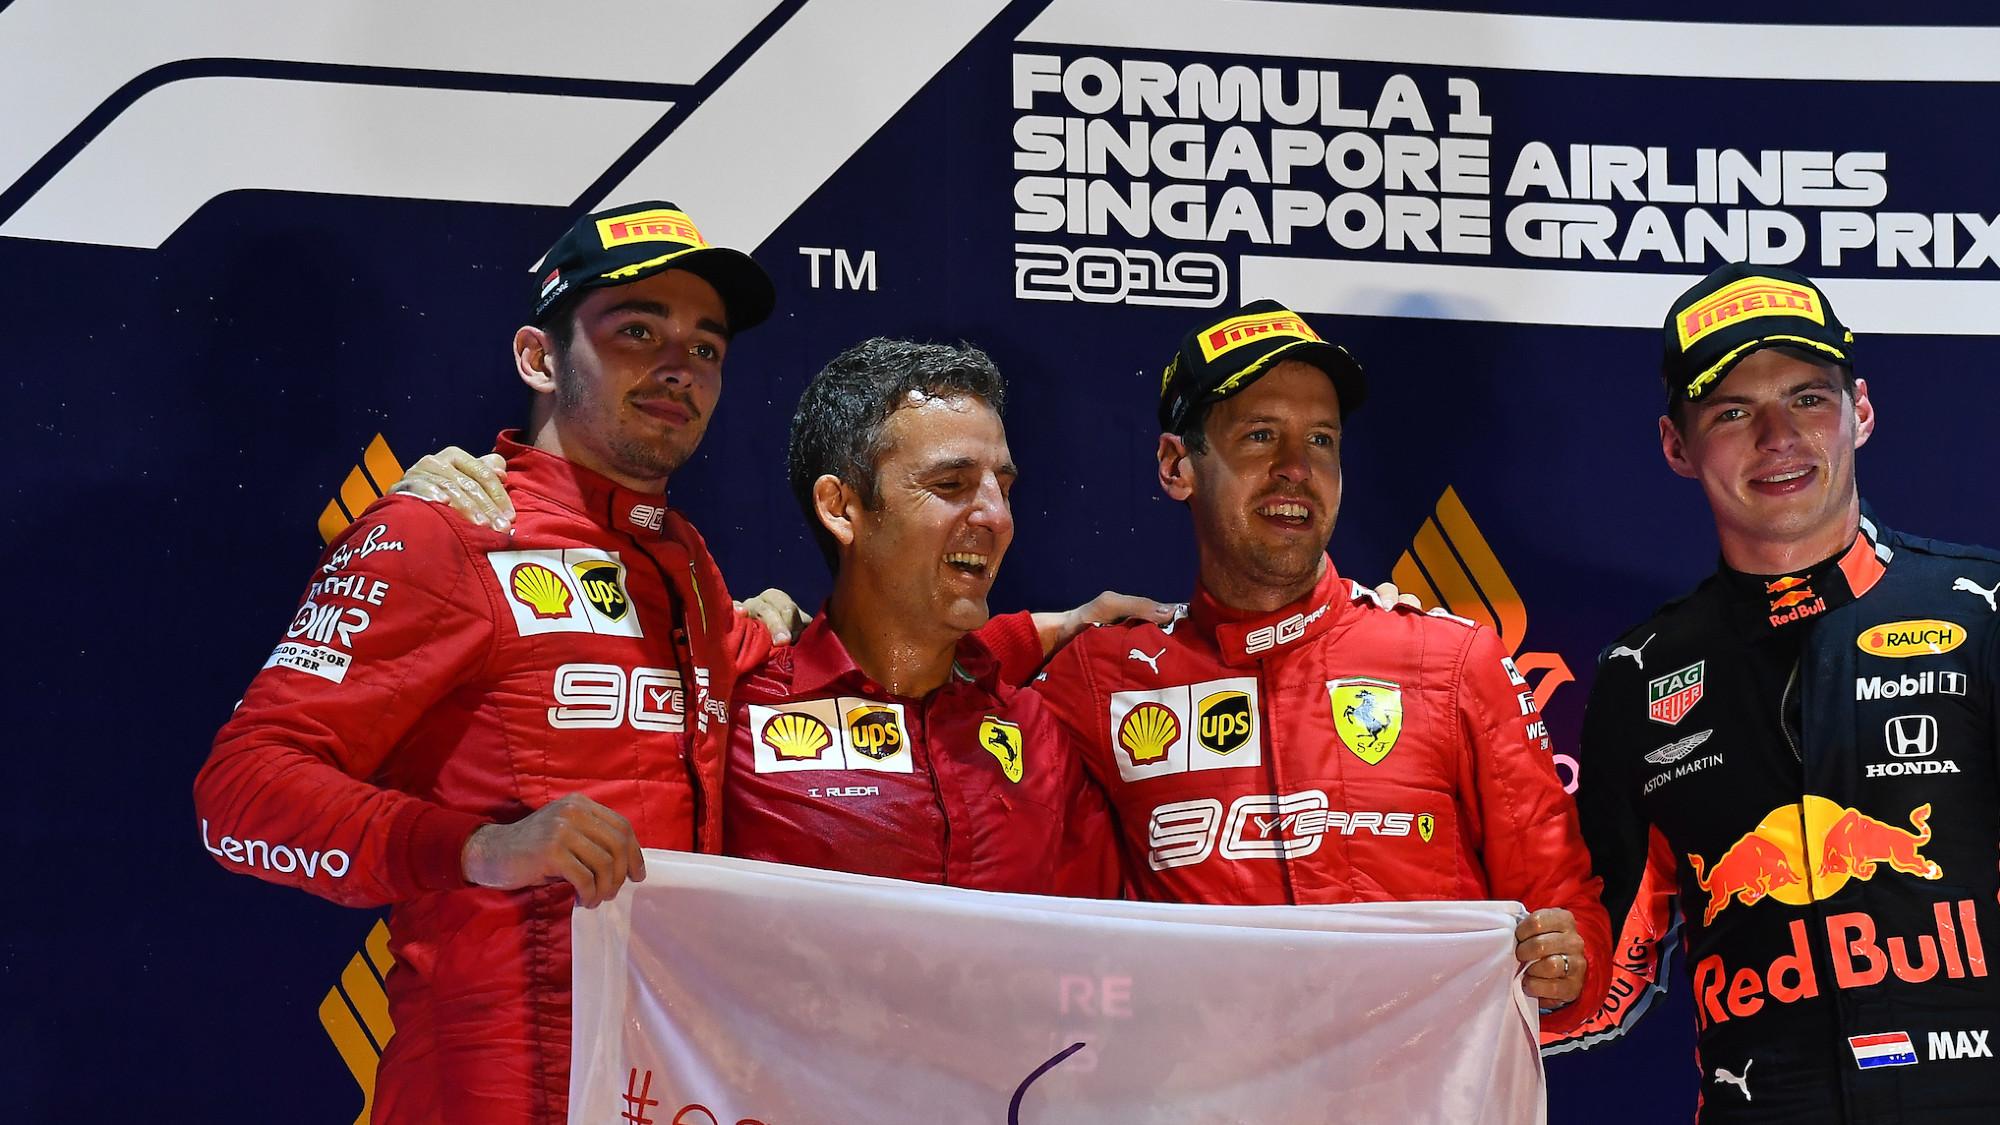 2019 Singapore Grand Prix podium